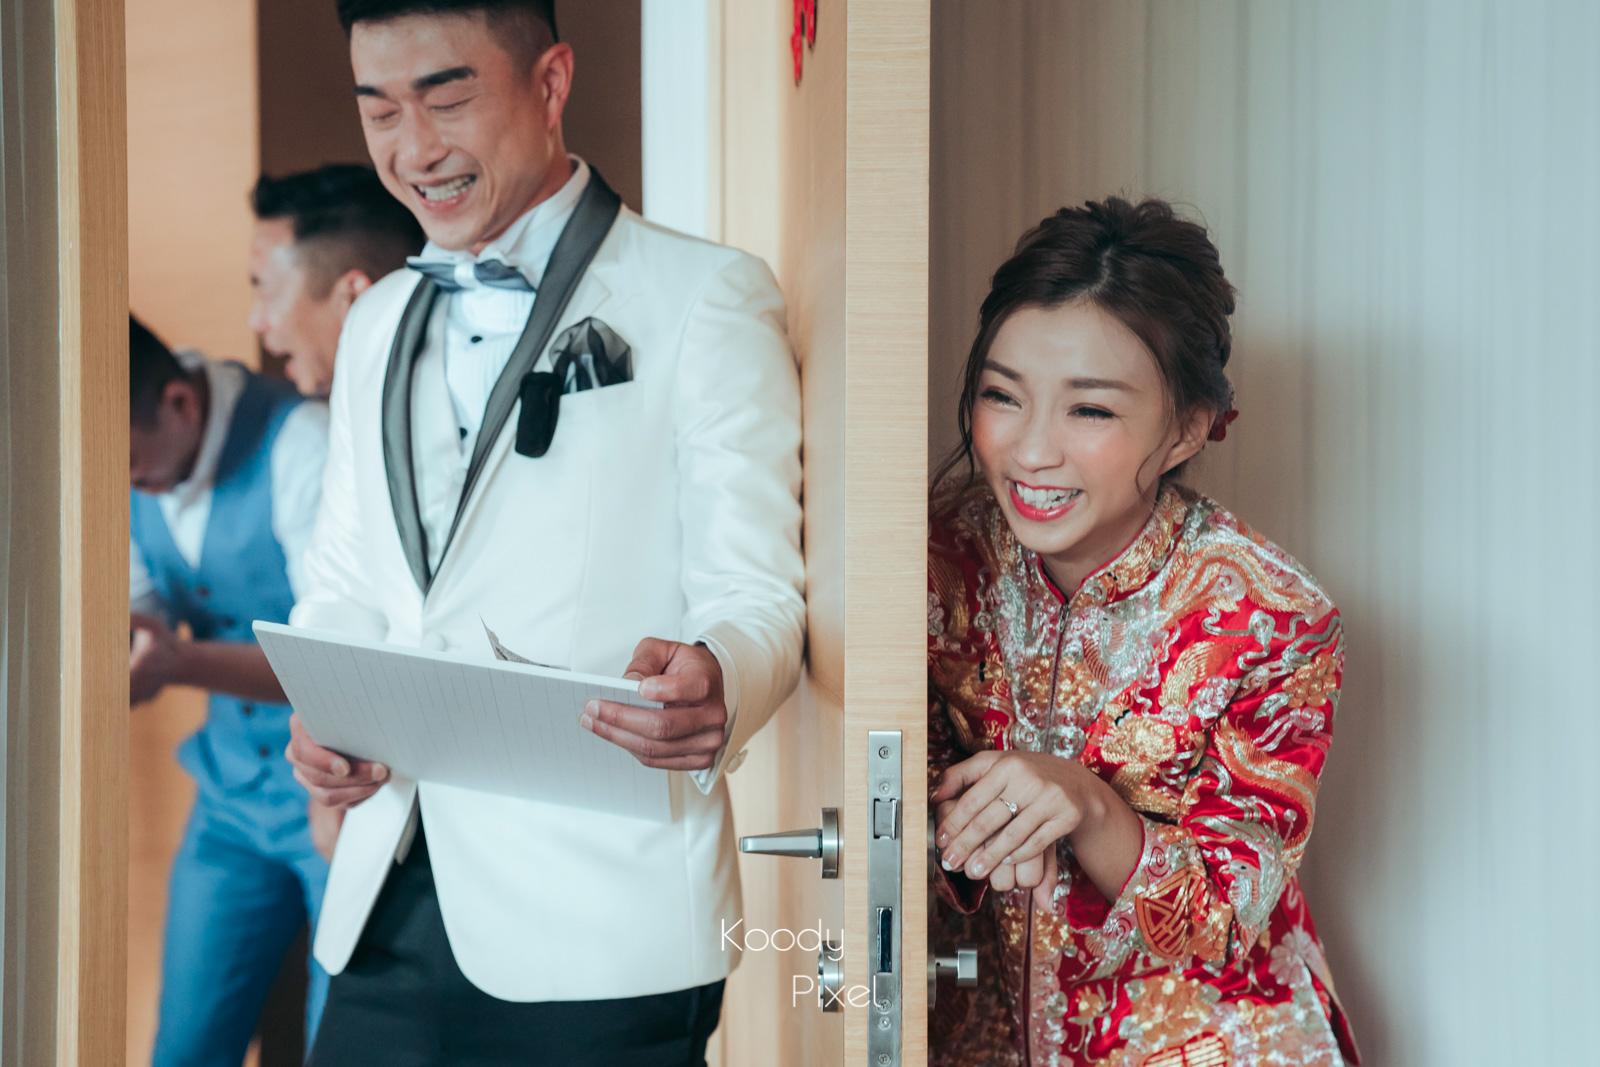 【排球賽裡定情】| Wedding photography | 婚禮攝影